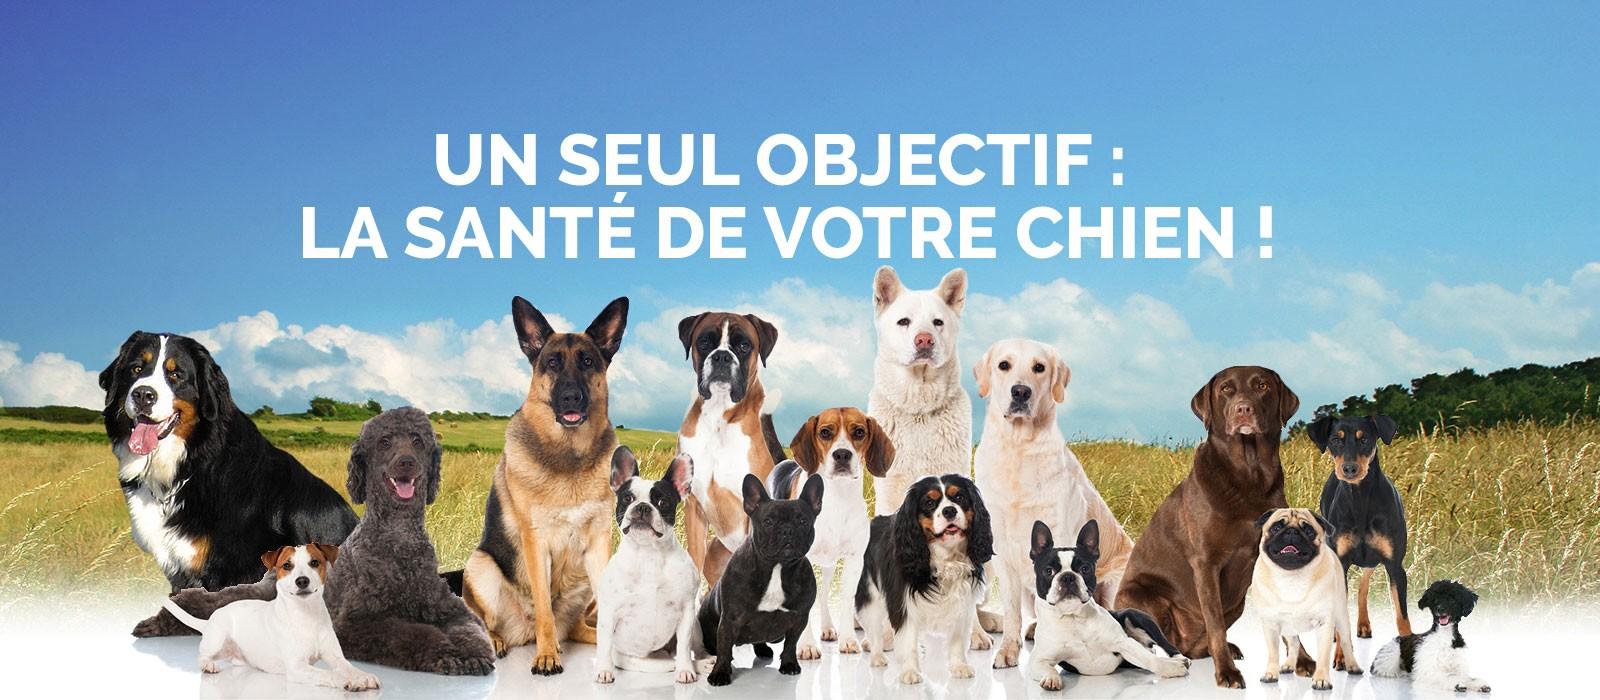 Des matieres premieres de qualité pour la santé de votre chien